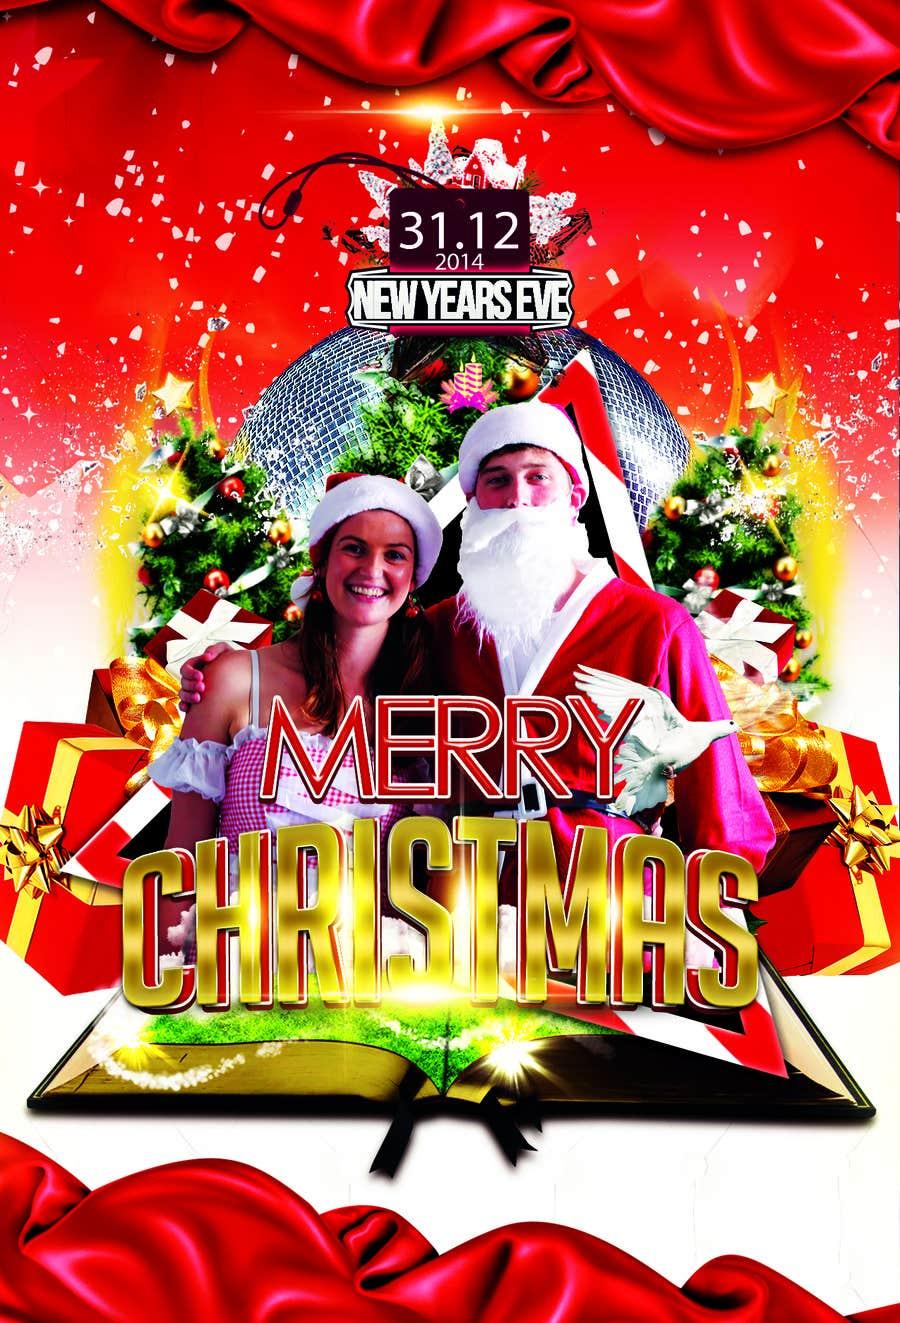 Inscrição nº                                         38                                      do Concurso para                                         Family Christmas Card - Have fun with it!